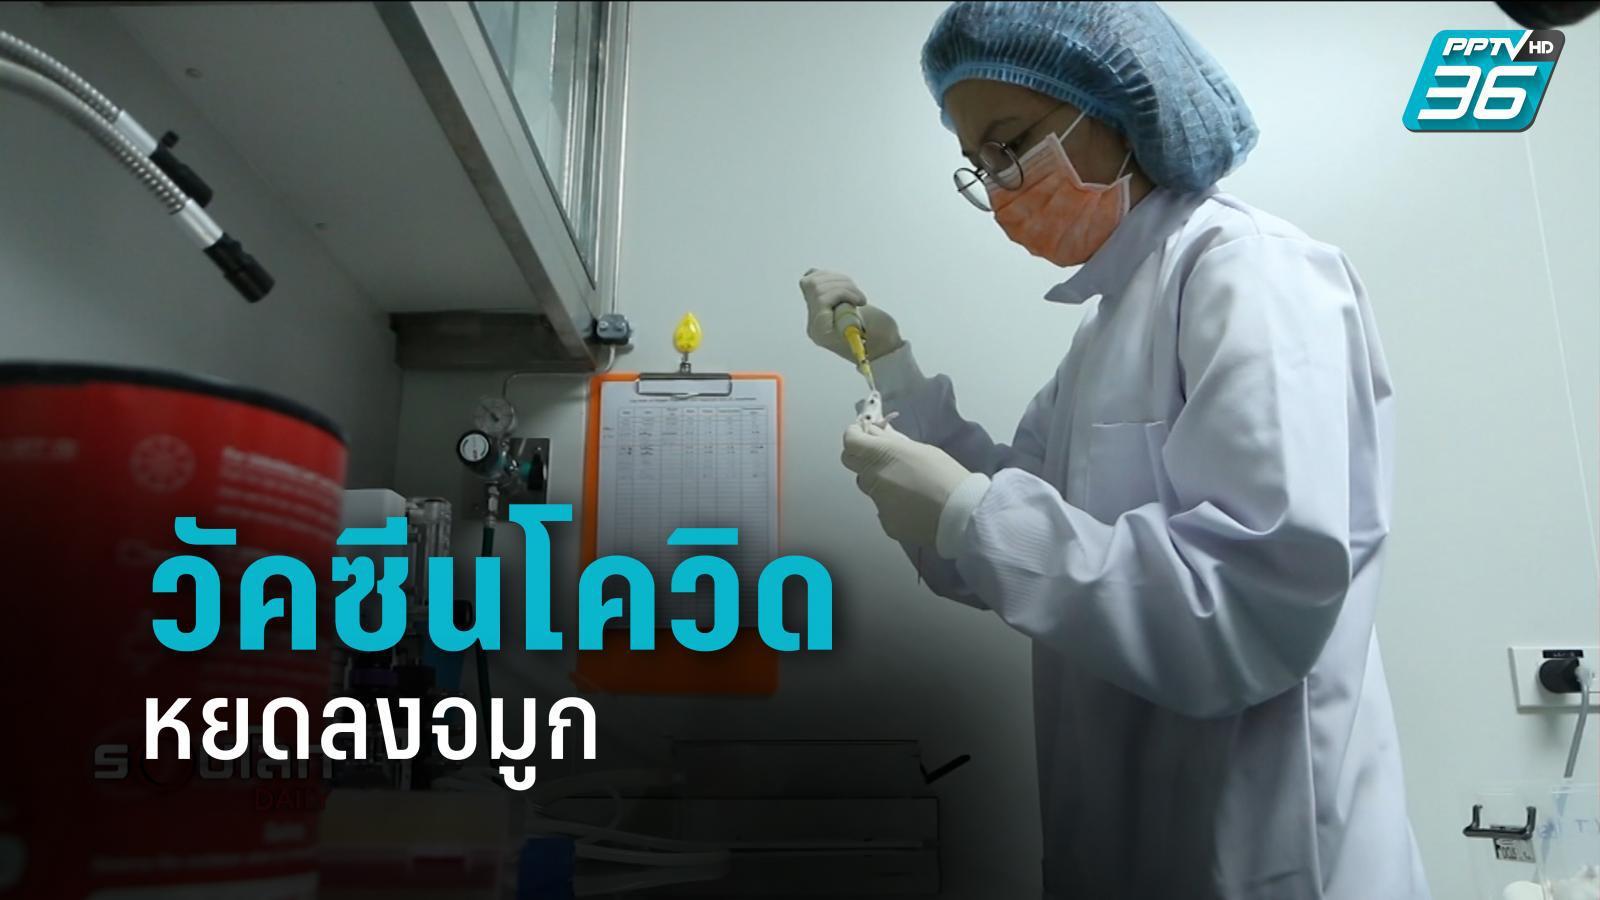 ไบโอเทค พัฒนาวัคซีนโควิด-19 หยอดลงจมูก แฝงไปกับวัคซีนไข้หวัดใหญ่